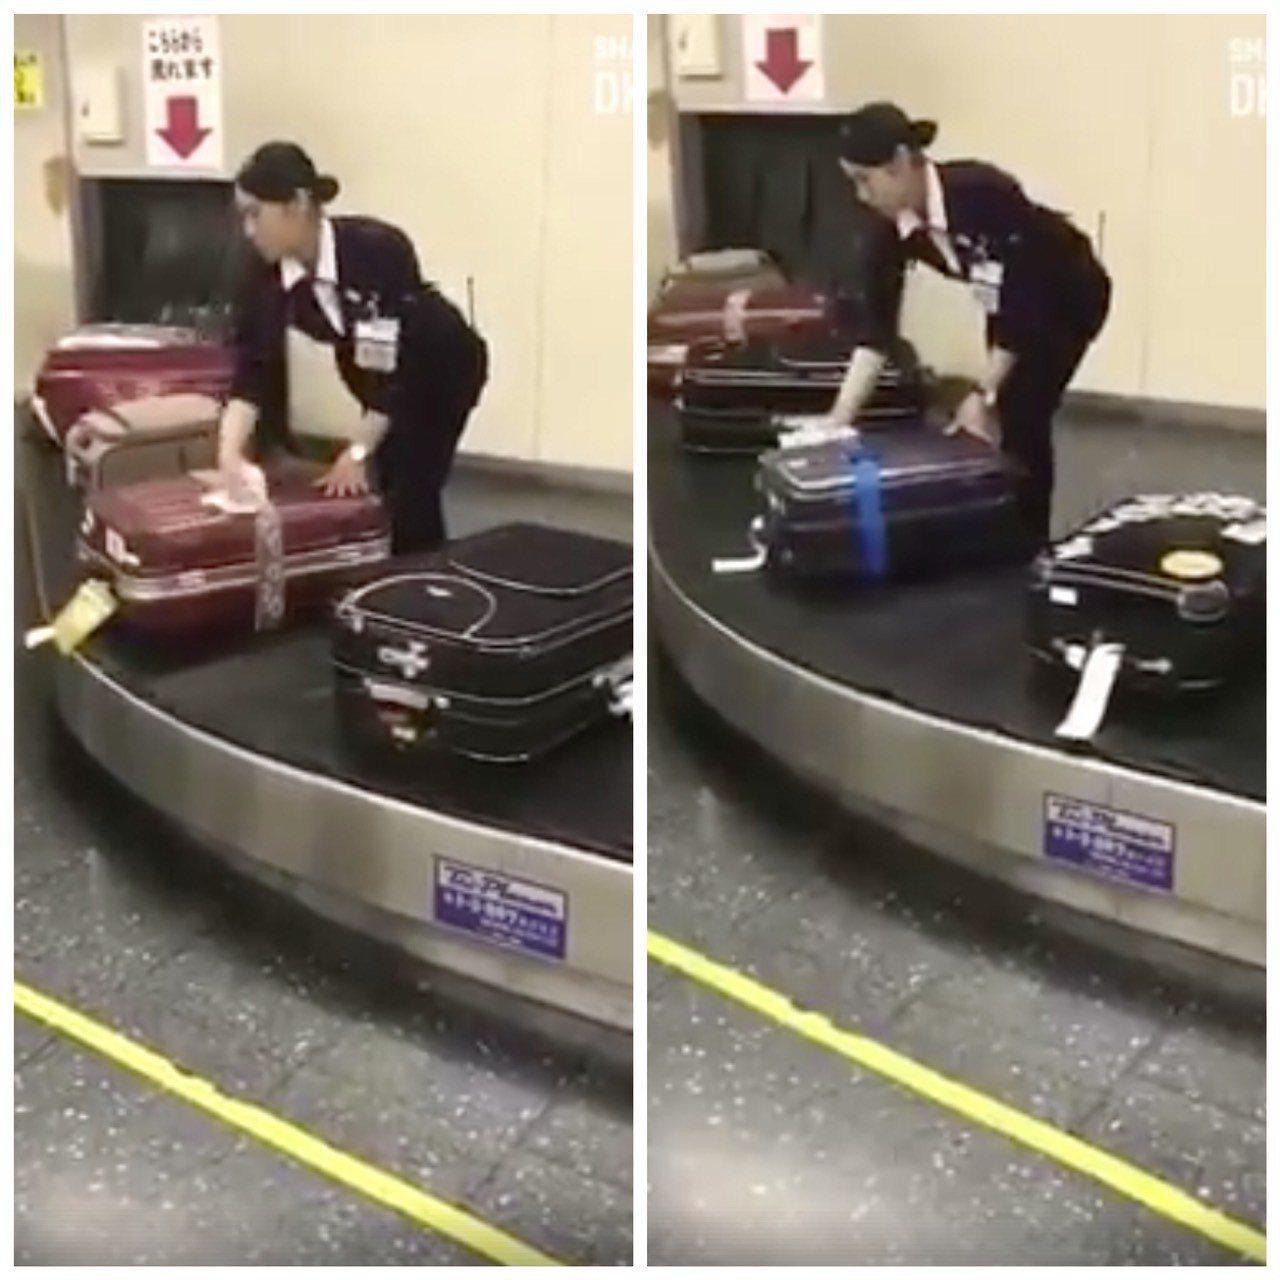 日本地勤人員站在運輸帶上一一擦拭每一個行李箱。圖/截自臉書專頁《Viral Mu...